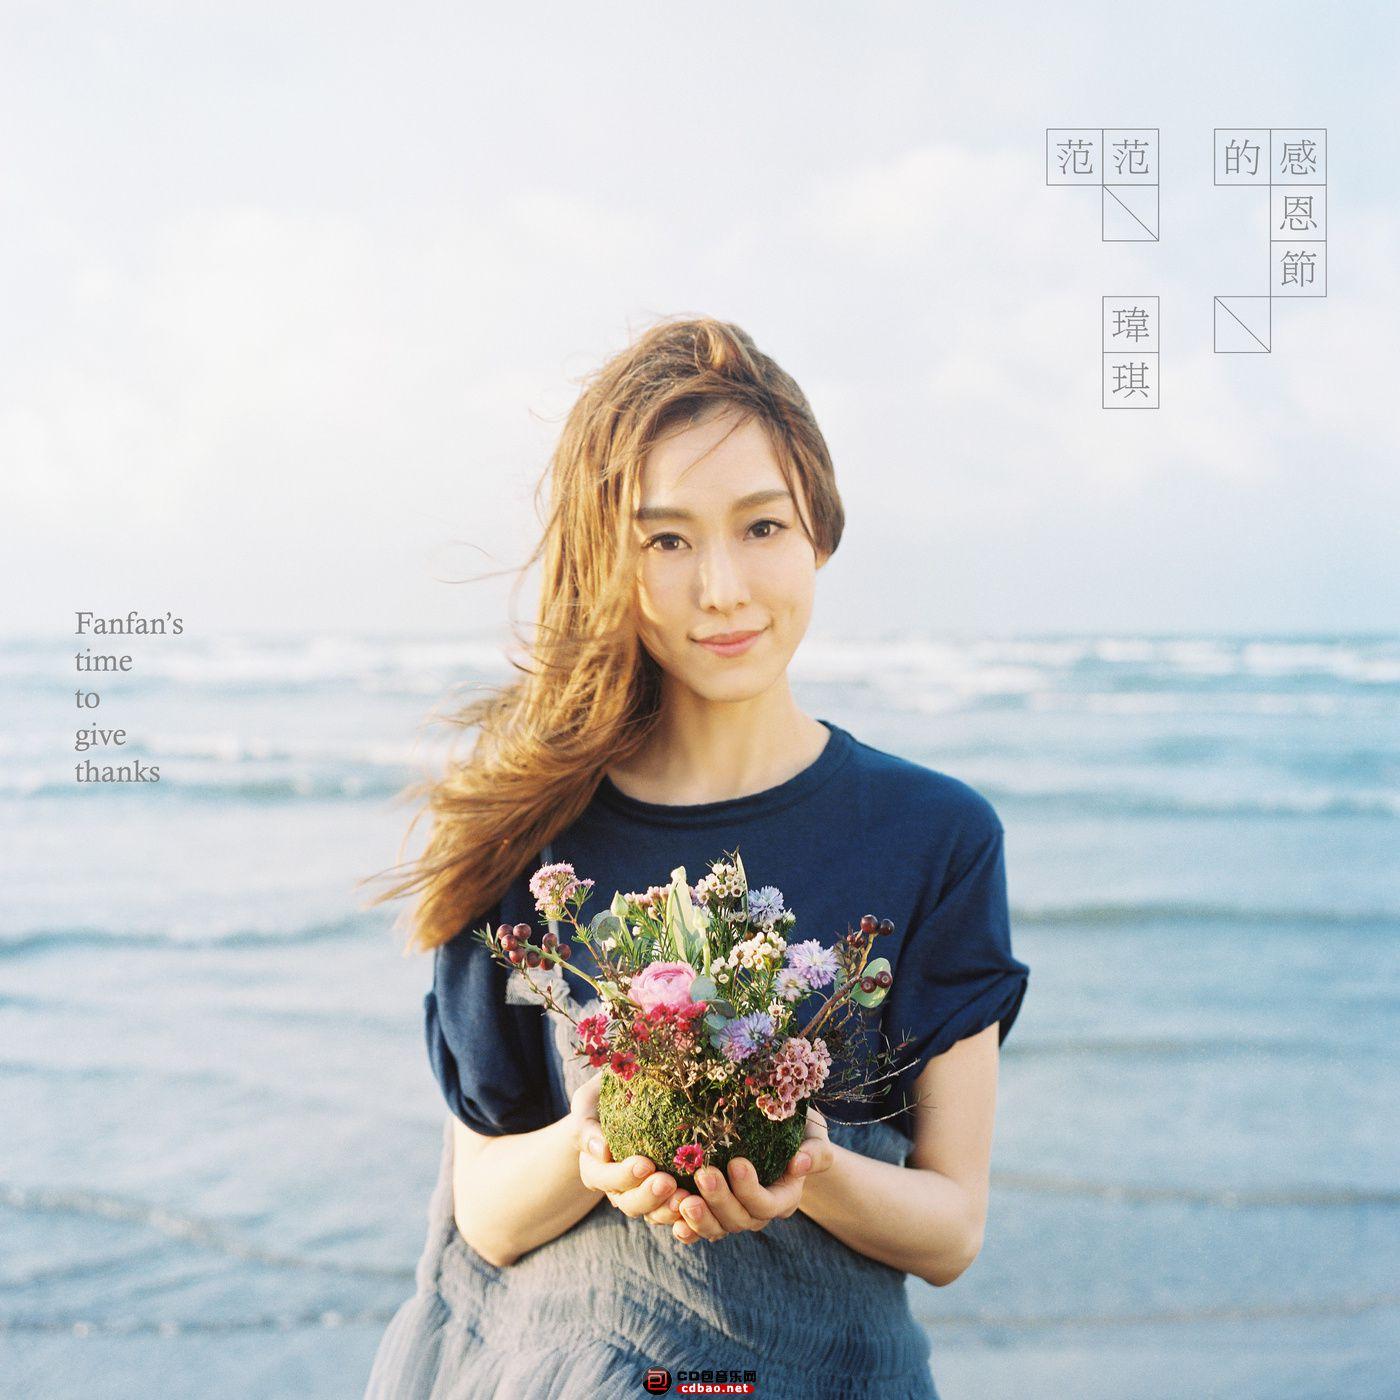 范玮琪专辑《范范的感恩节》海报.jpg